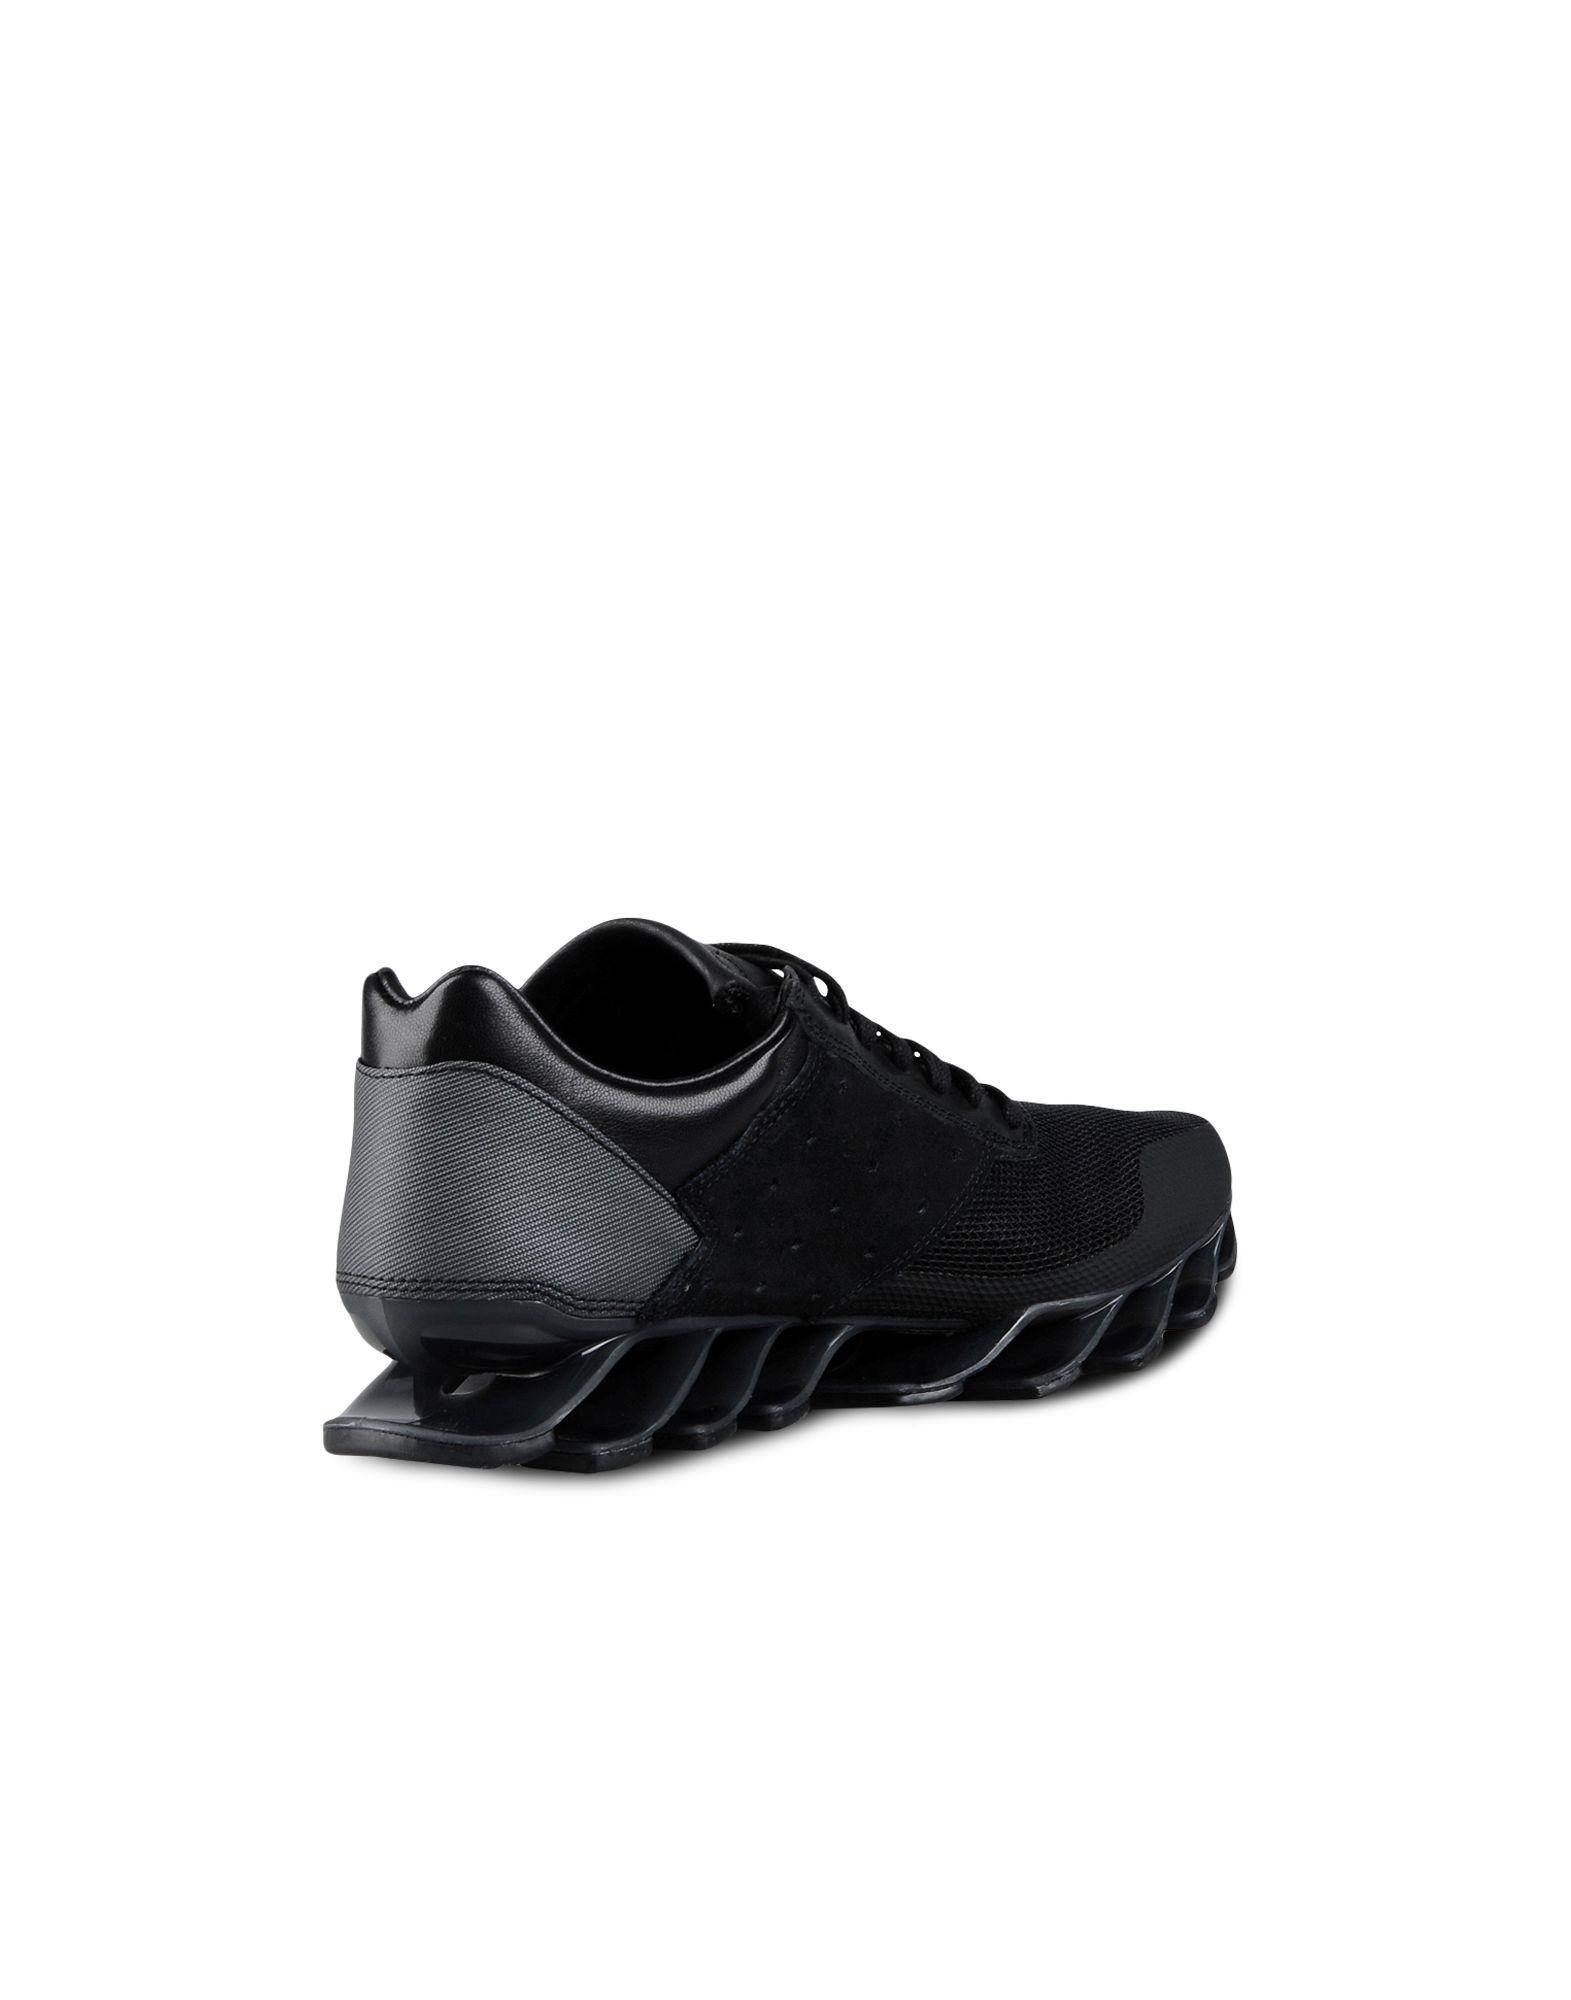 Rick Owens Springblade Lo Shoes unisex Y-3 adidas